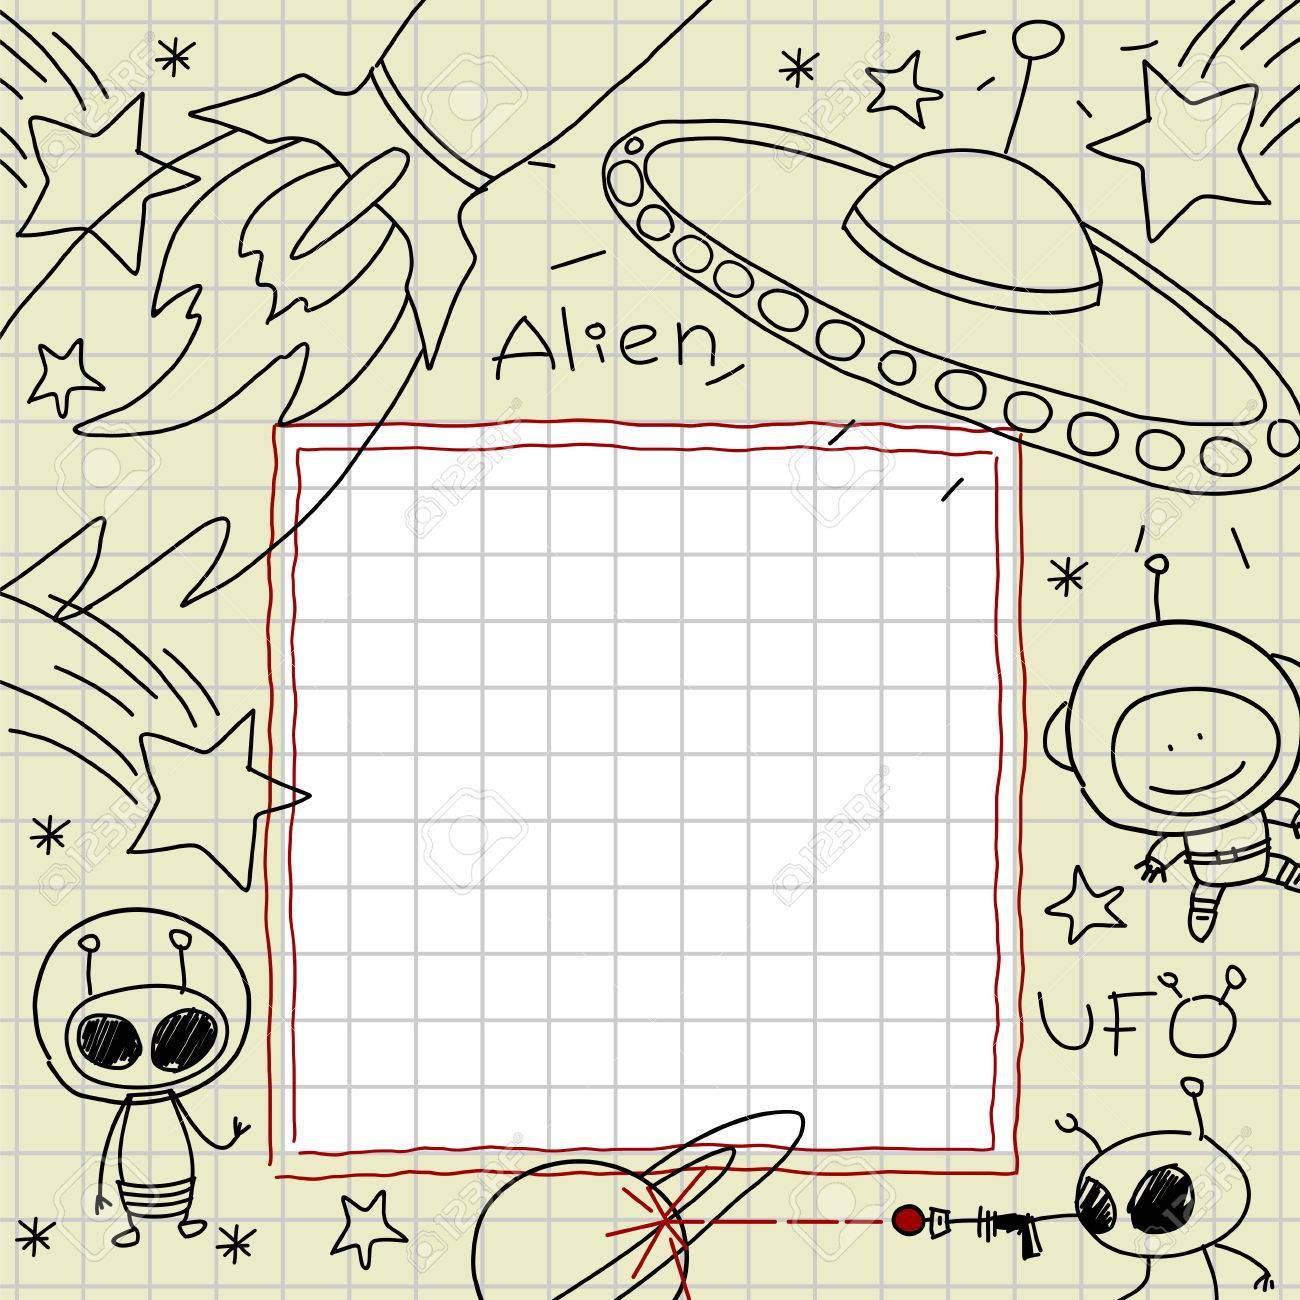 space drawings